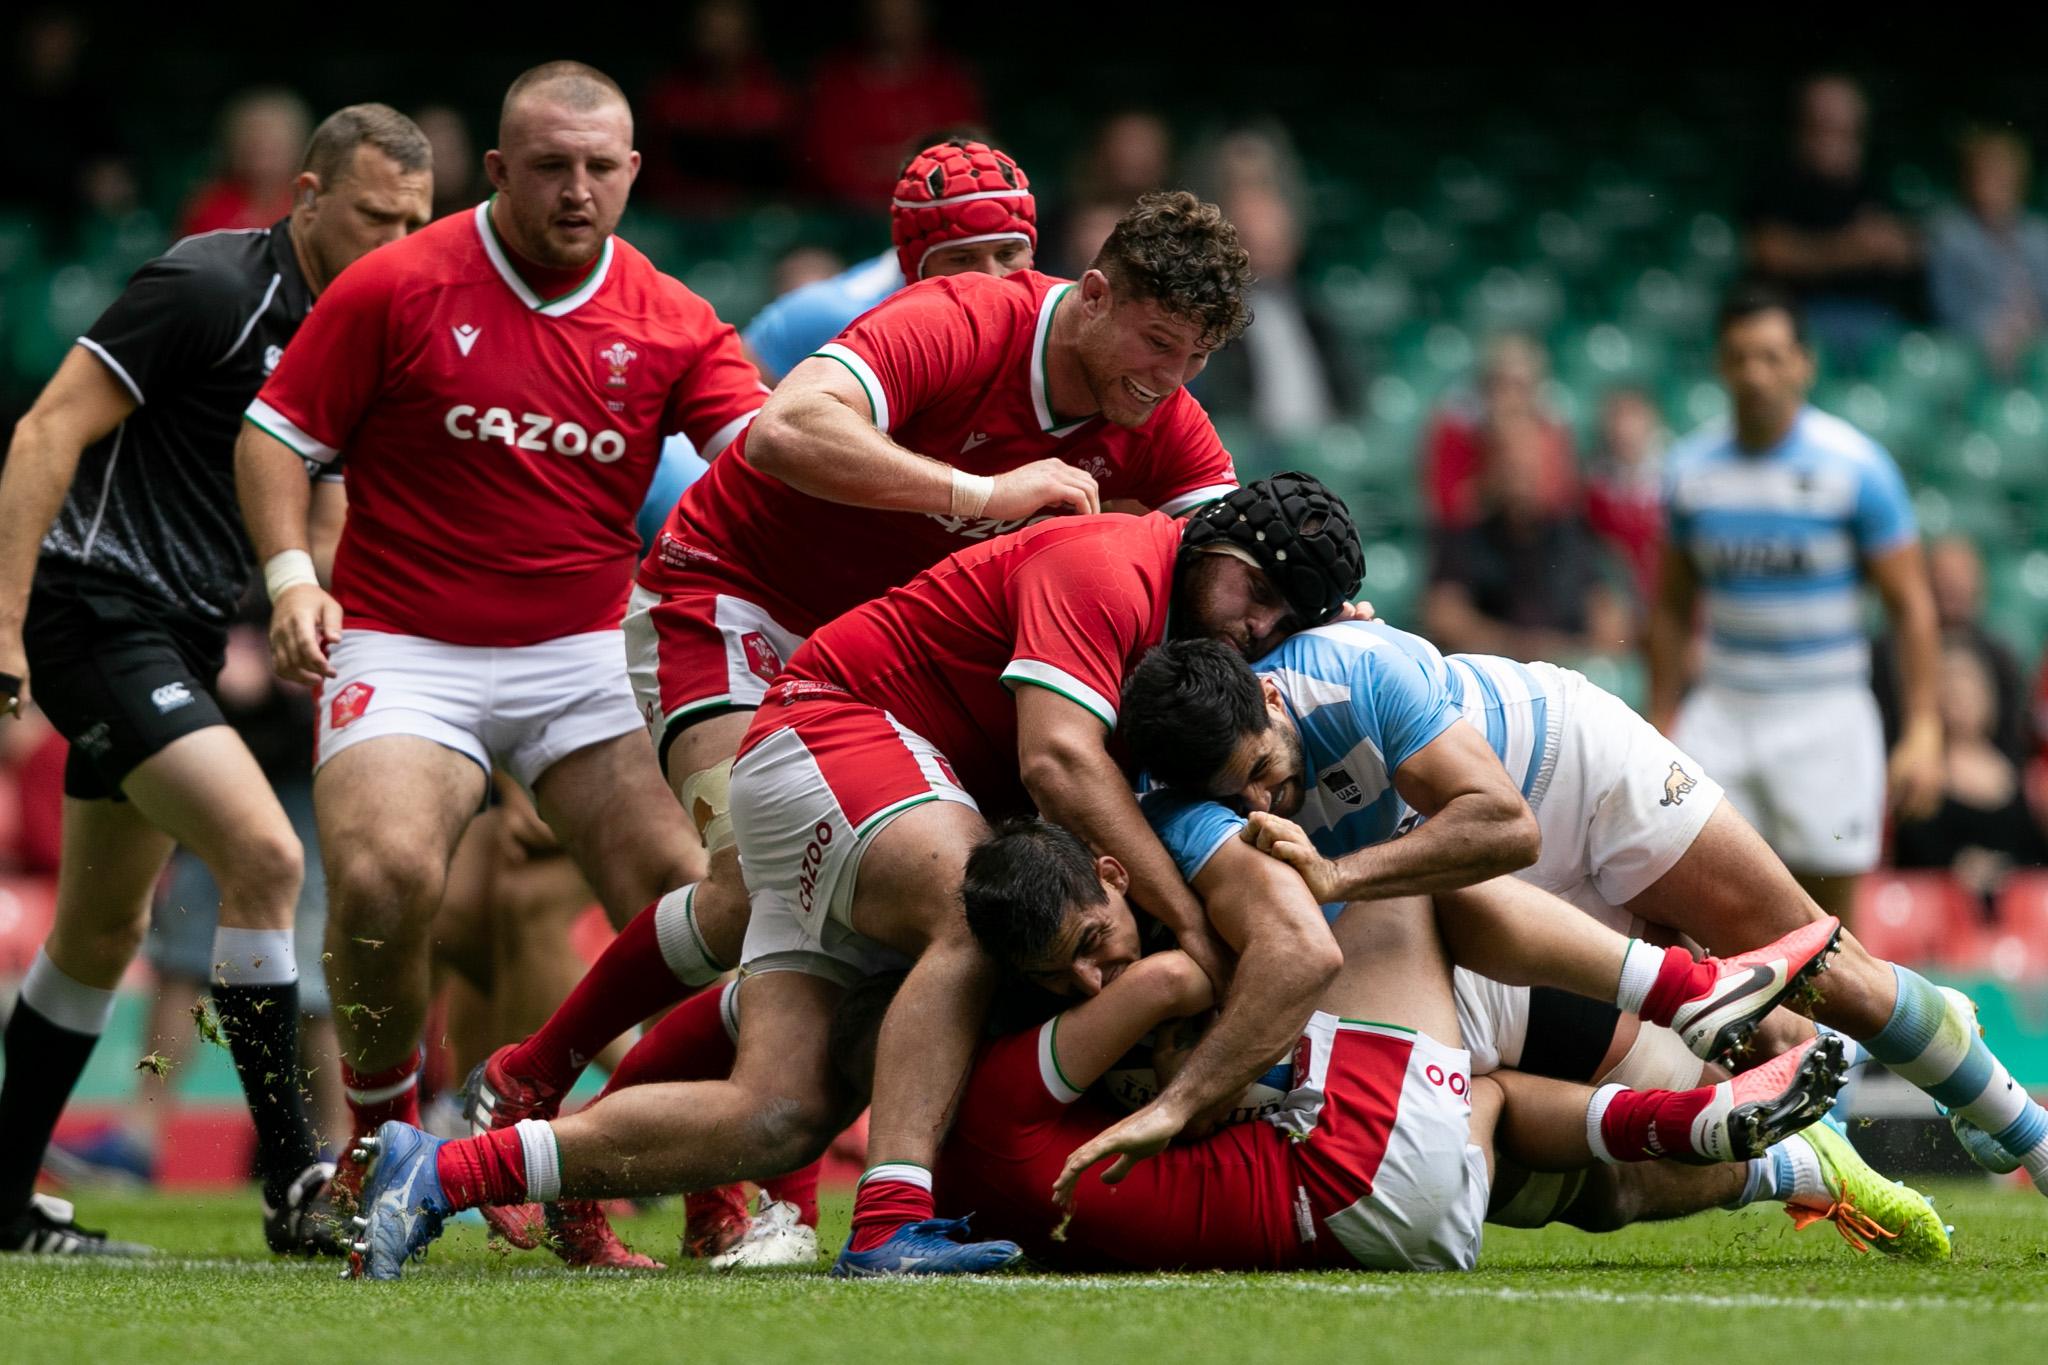 Pruebas a las leyes en el Rugby Championship